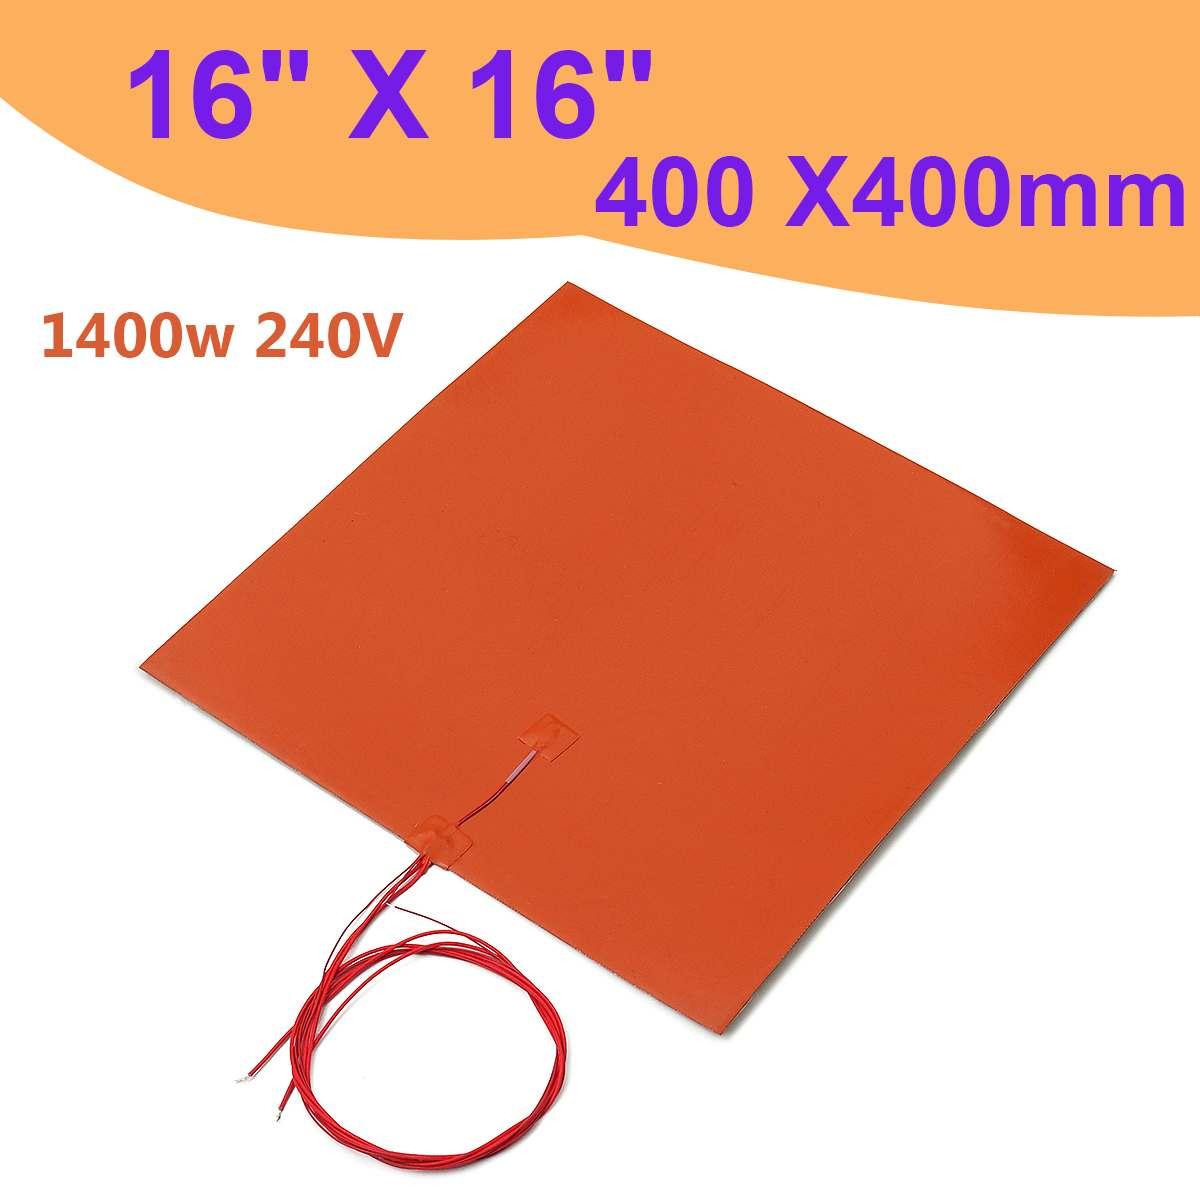 1400 w 240 V 400x400mm coussin chauffant en Silicone pour imprimante 3D sans trou coussin chauffant Orange accessoires d'imprimante 3D